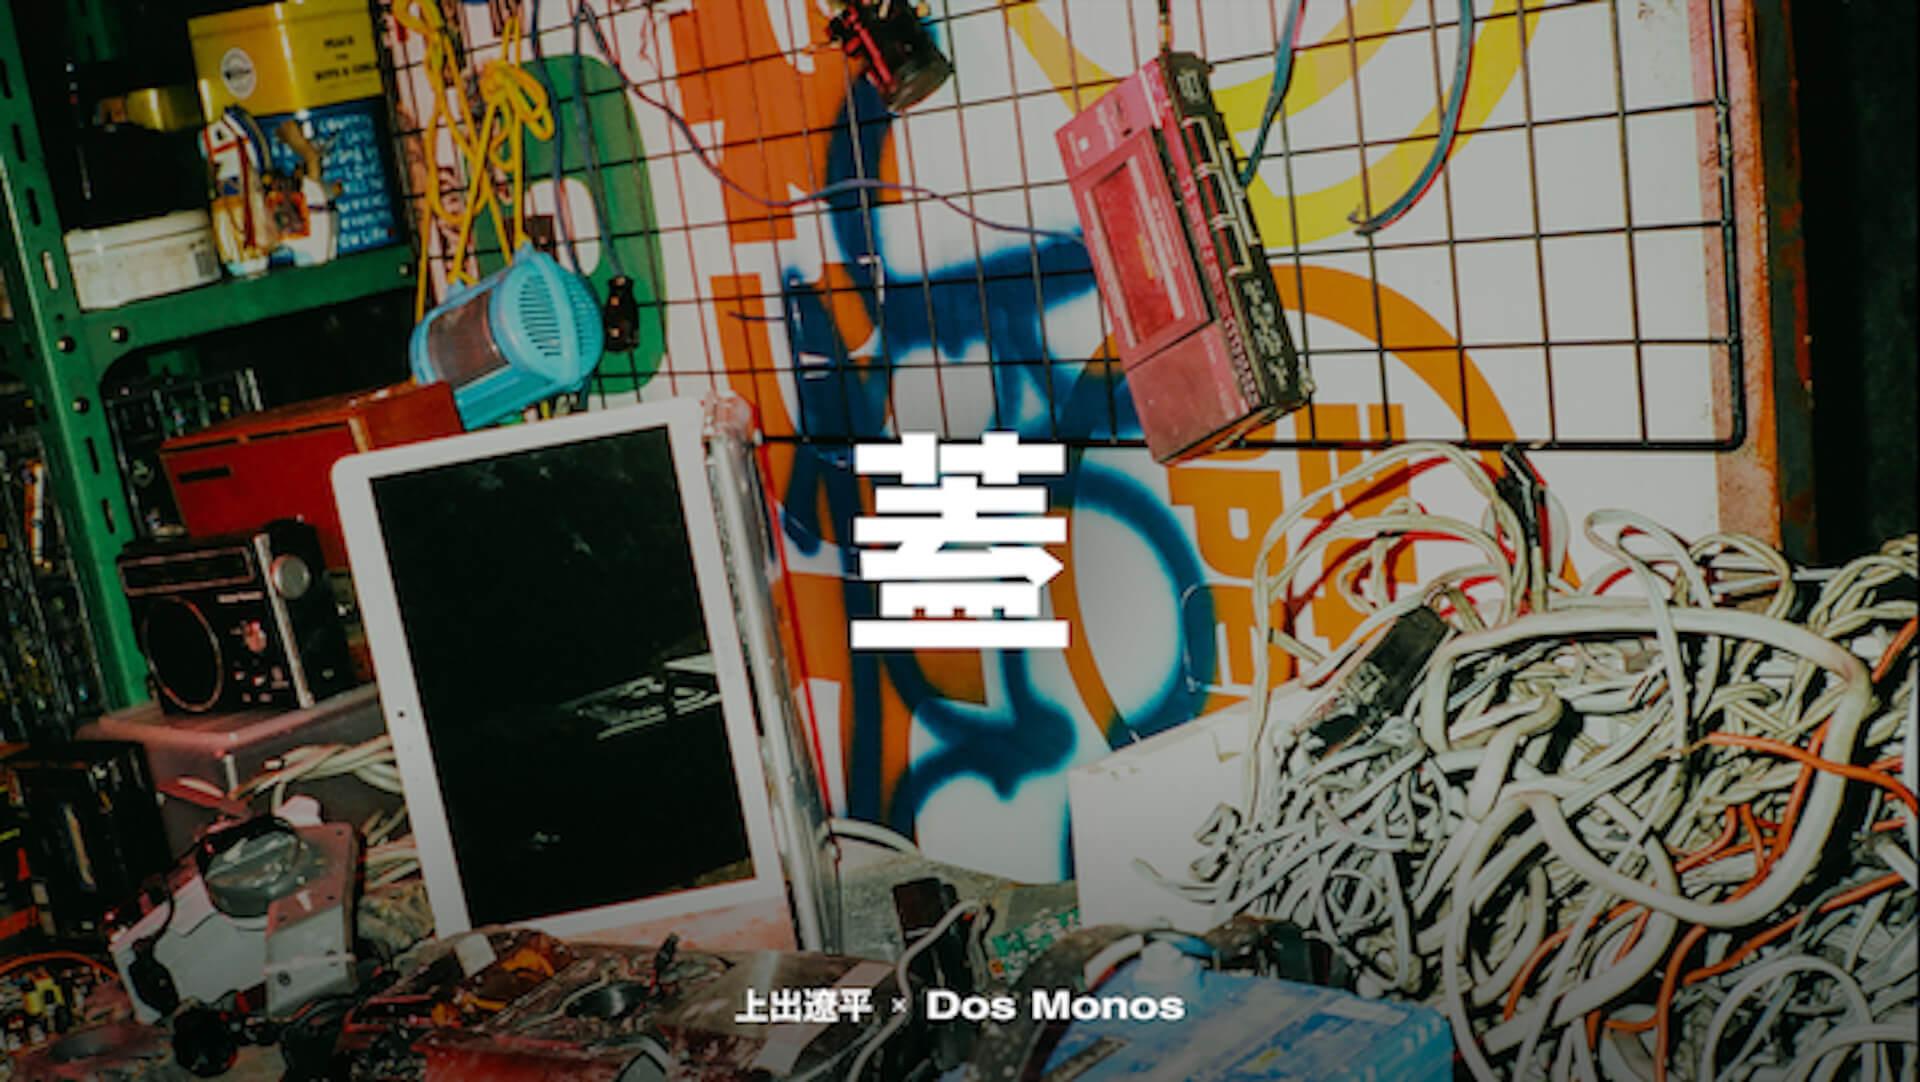 Dos Monosがライブでニューアルバム『Larderello』の配信リリースを突如発表!テレビ東京『蓋』の楽曲も収録 music210913_dosmonos_larderello_3